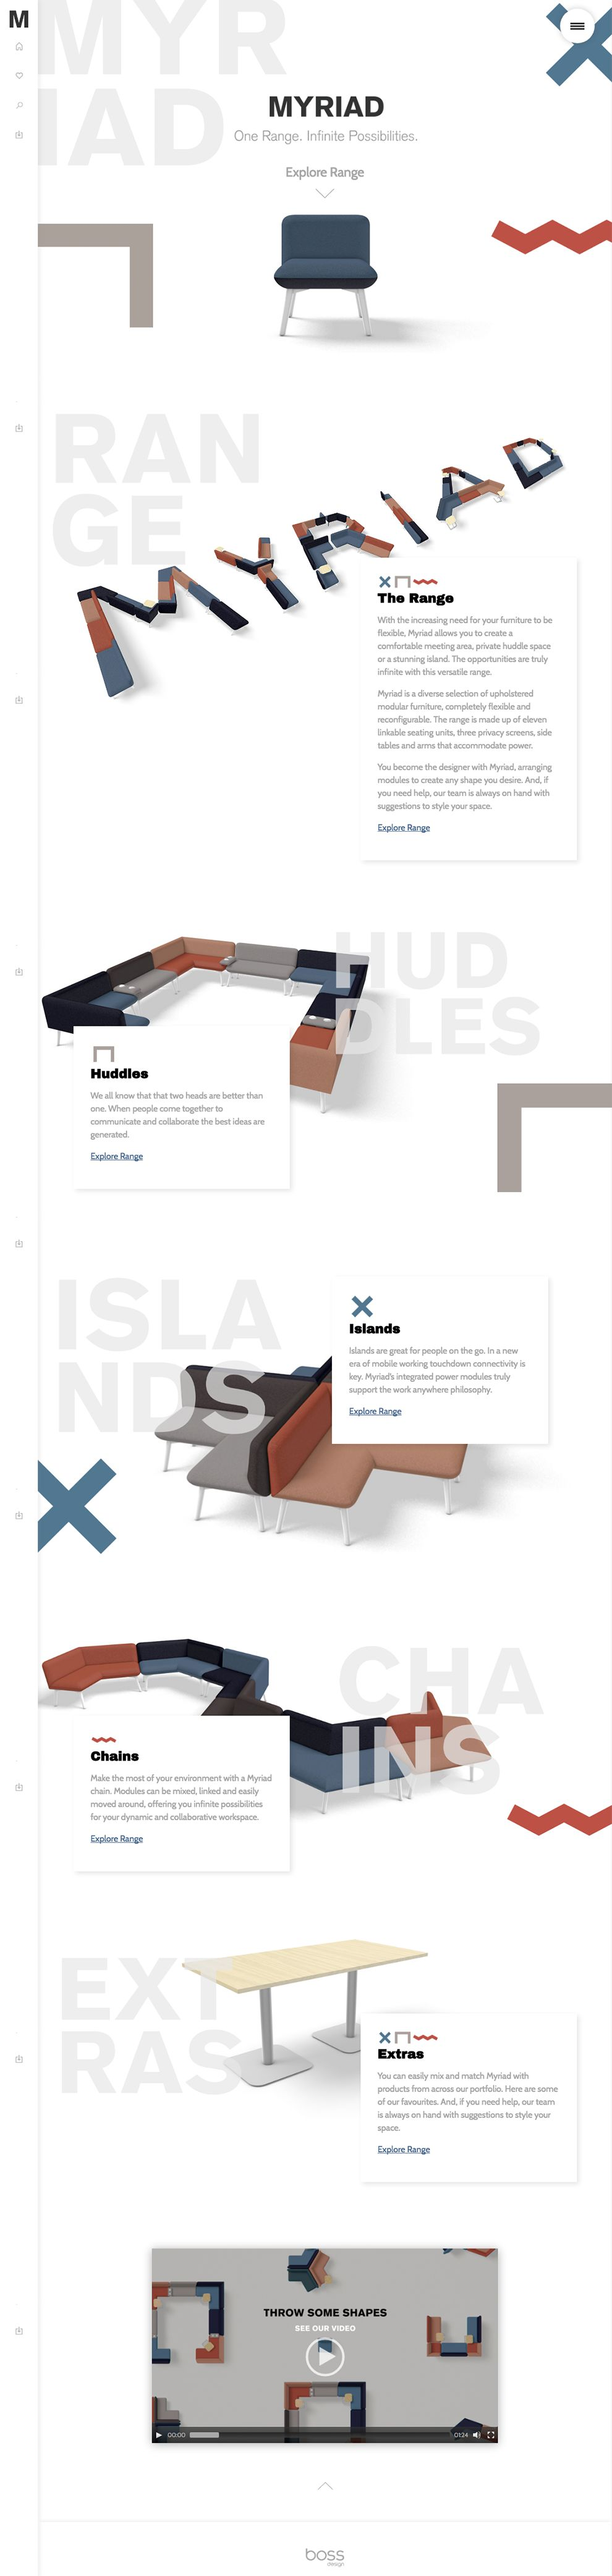 Myriad Clean Homepage